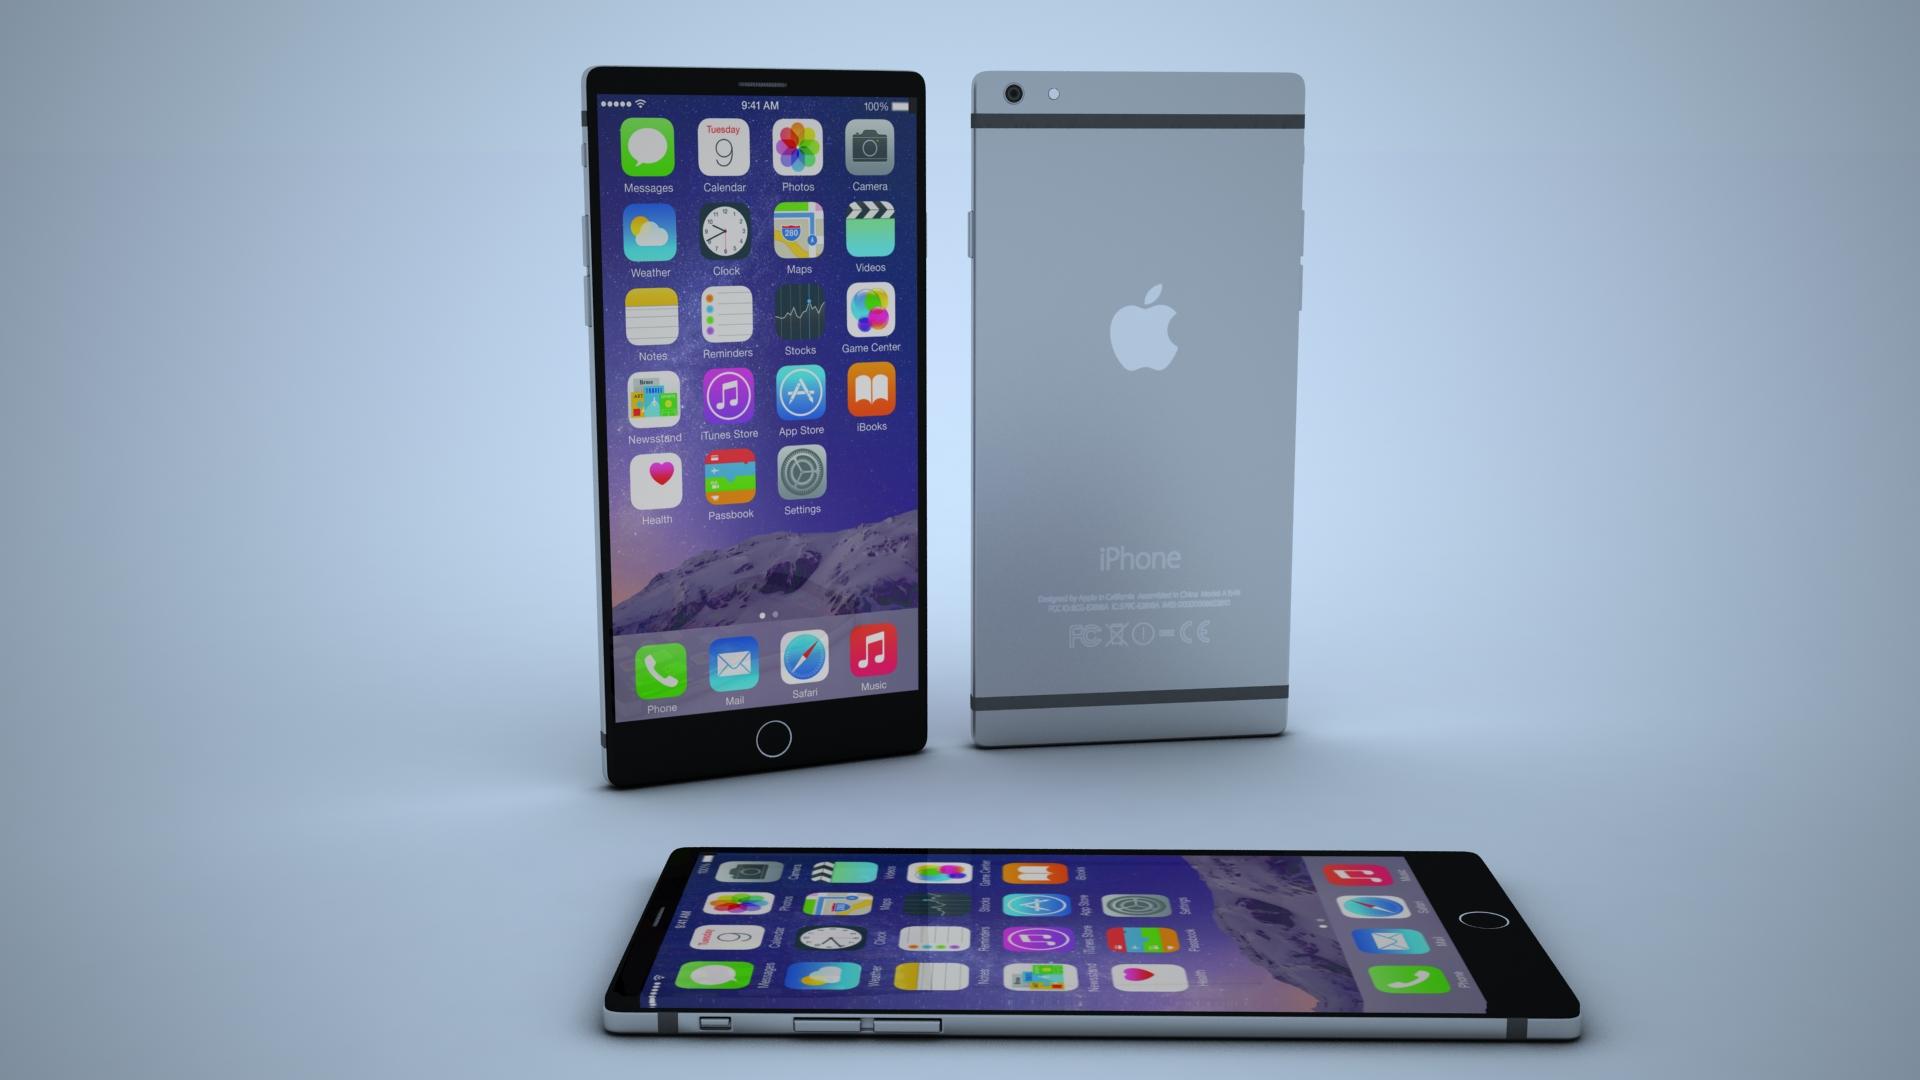 IPhone 7 готов приобрести каждый третий владелец iPhone